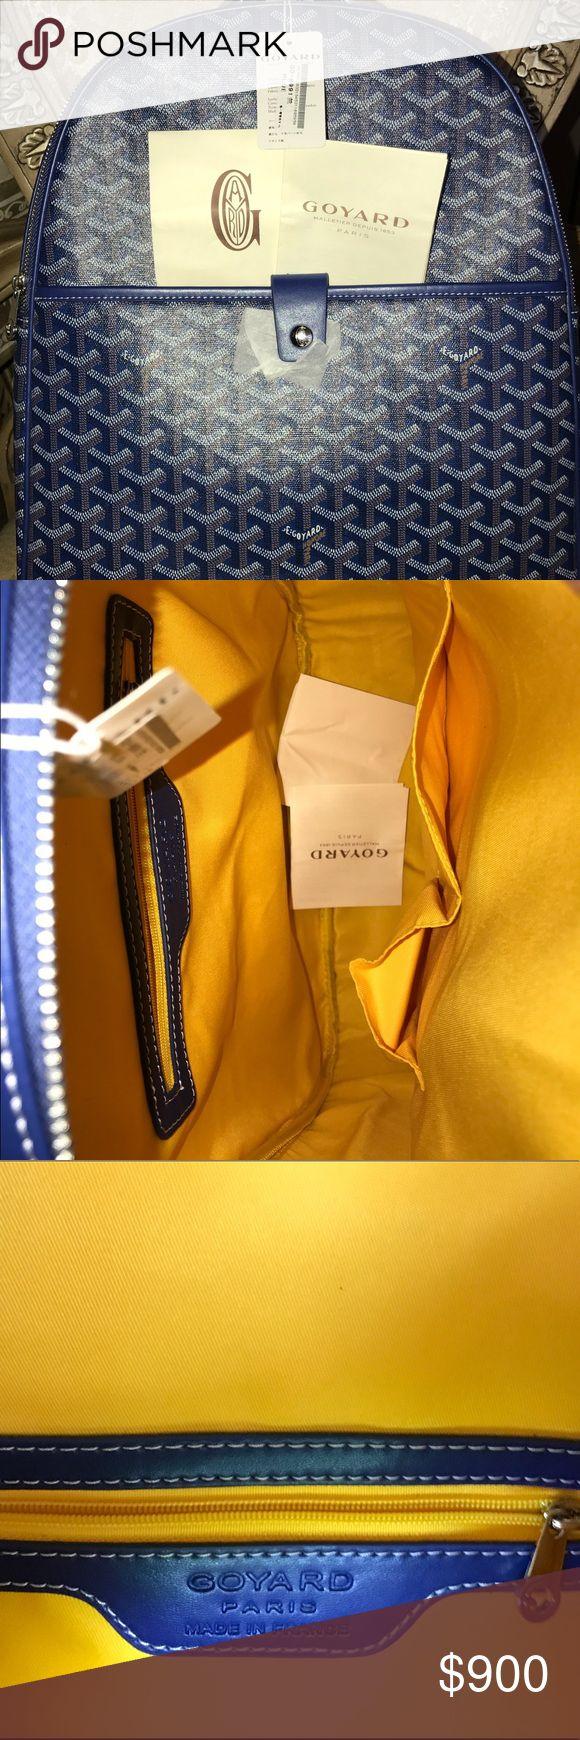 Bisexual GoYard Blue Backpack (Pre-Loved) Pre-loved Goyard Bisexual blue backpack Goyard Bags Backpacks